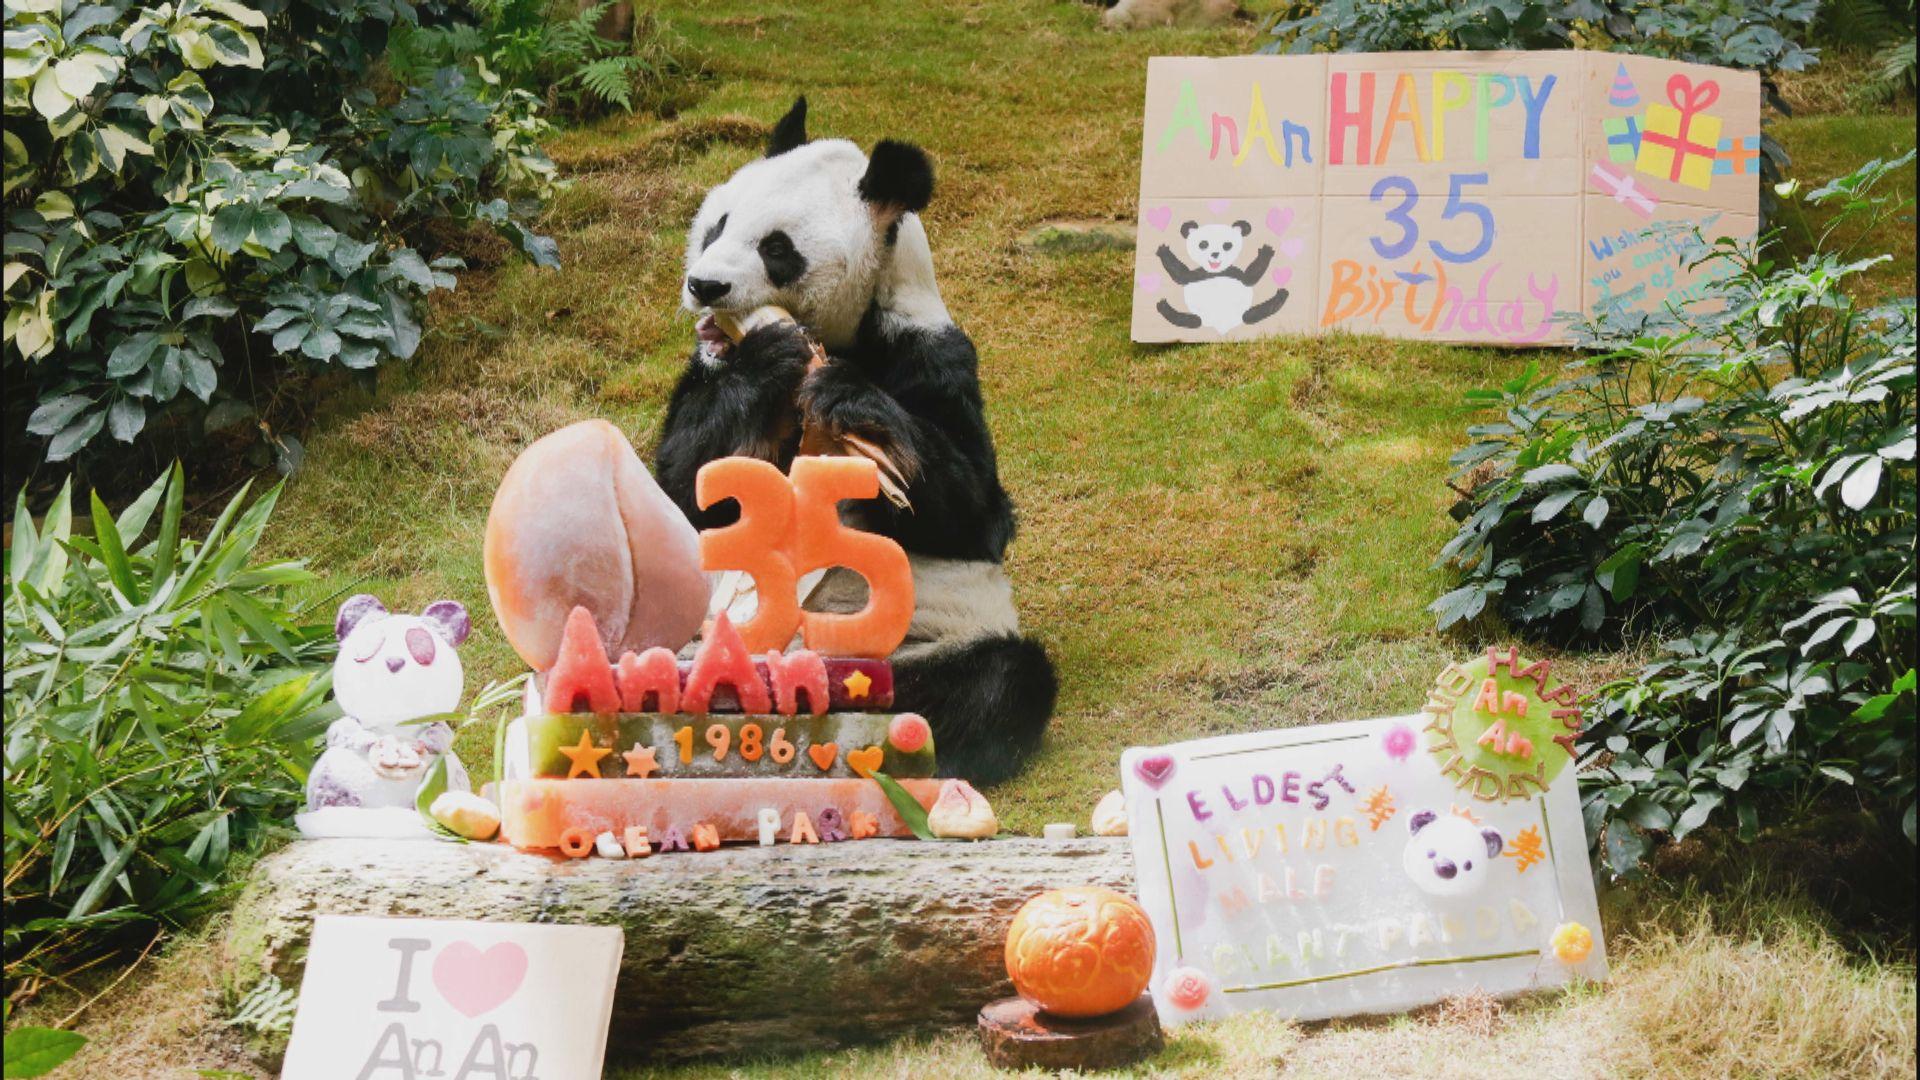 海洋公園安安將35歲 成全球最長壽雄性大熊貓